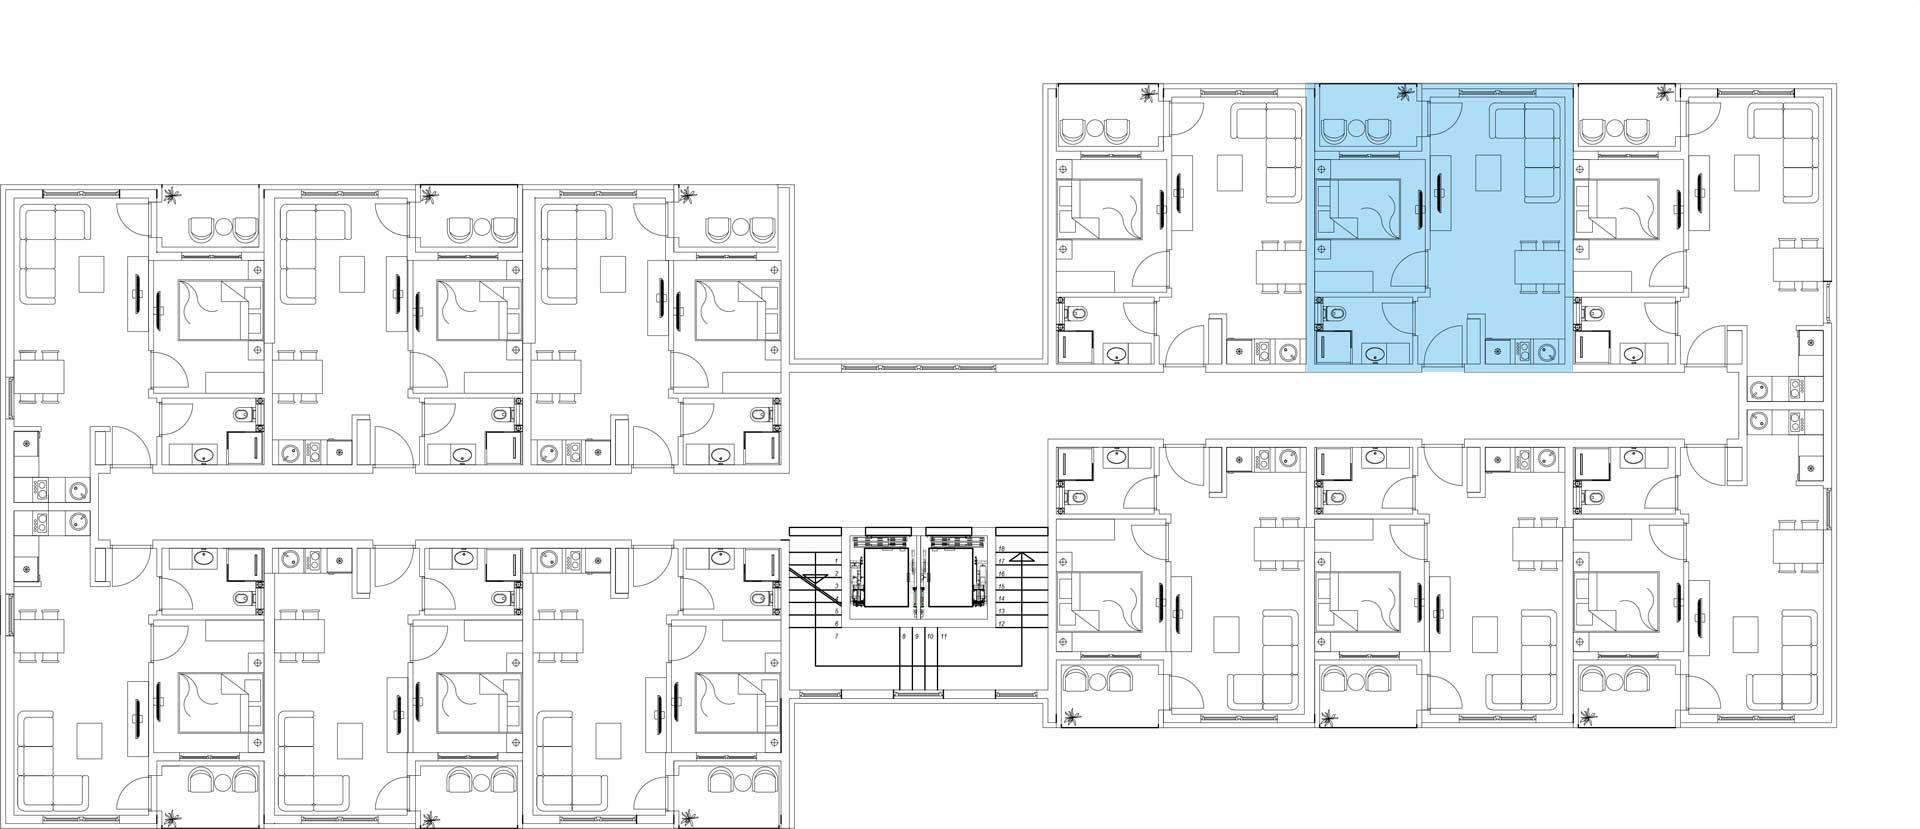 Orjentacija-stambenih-jedinica--23,-35,-47,-59,-71,-83,-95